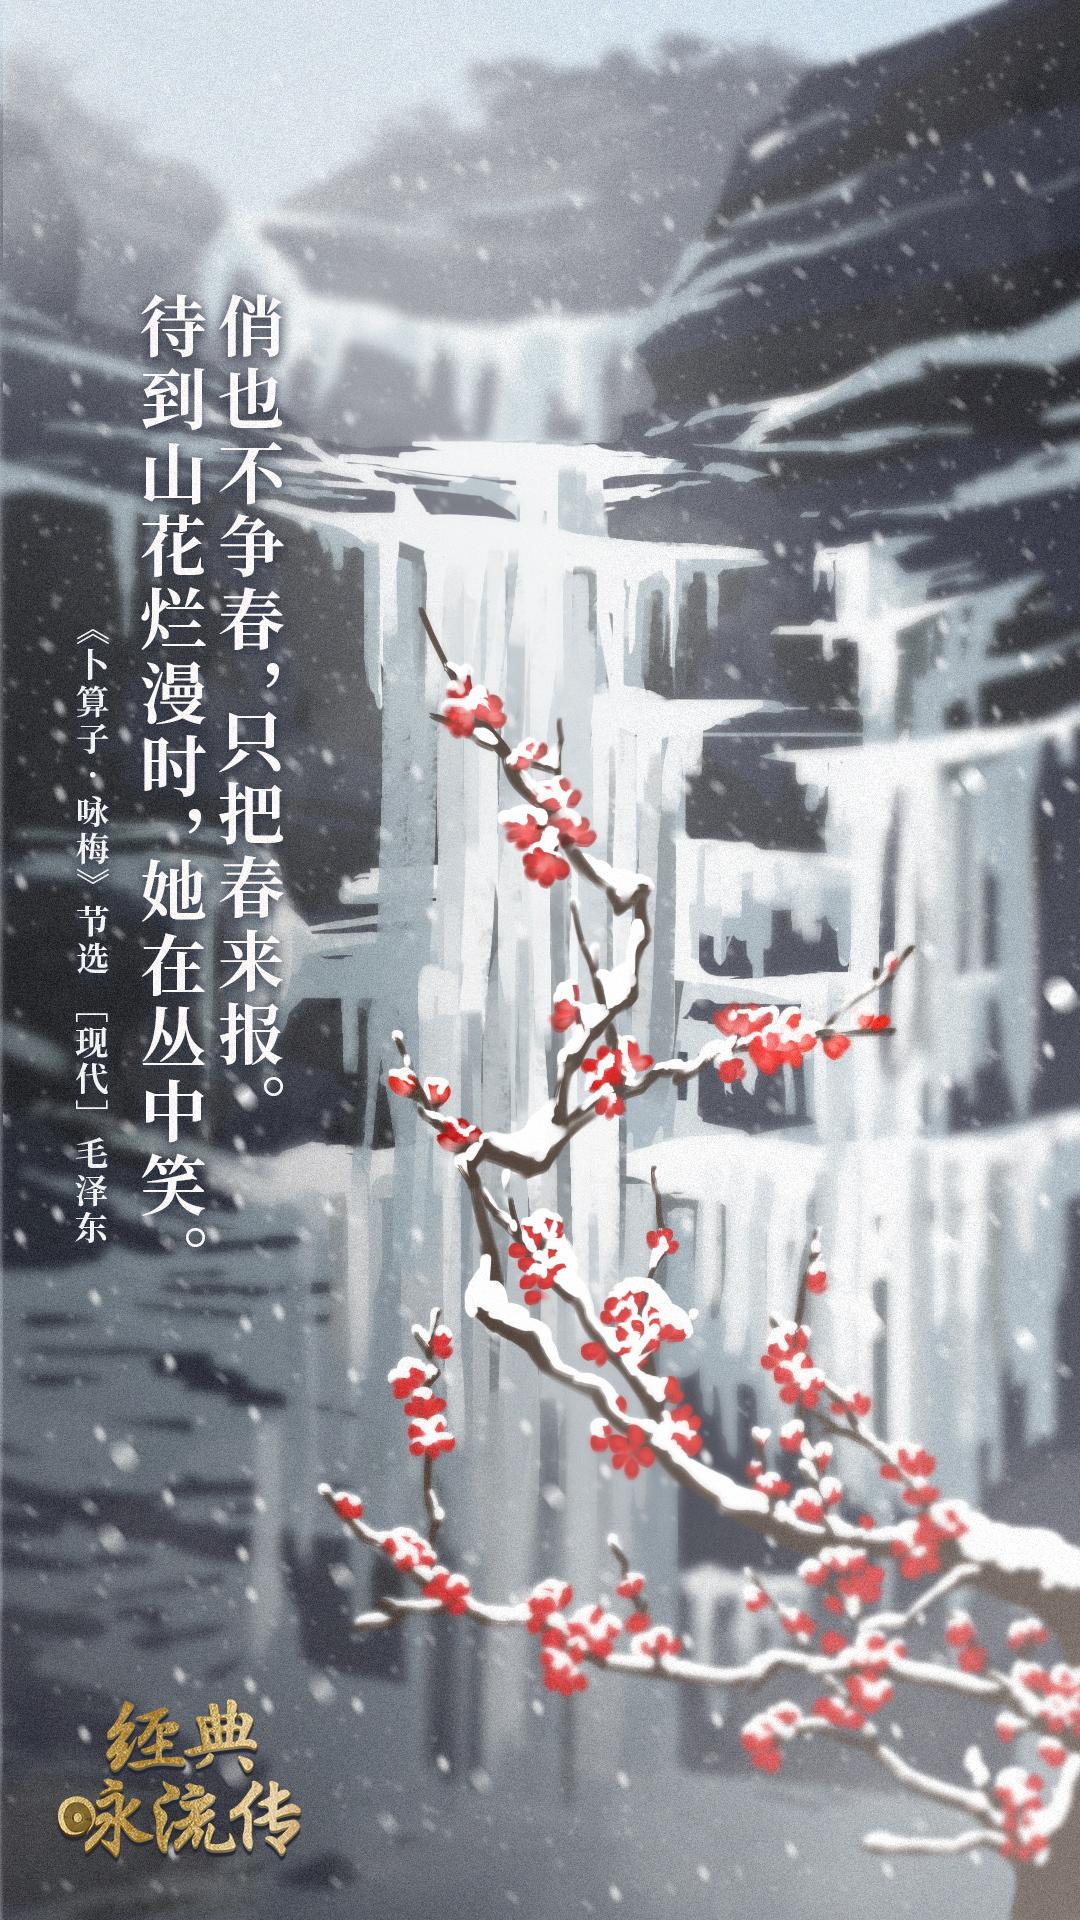 《经典咏流传》诗词意境海报合集 欣赏-第2张